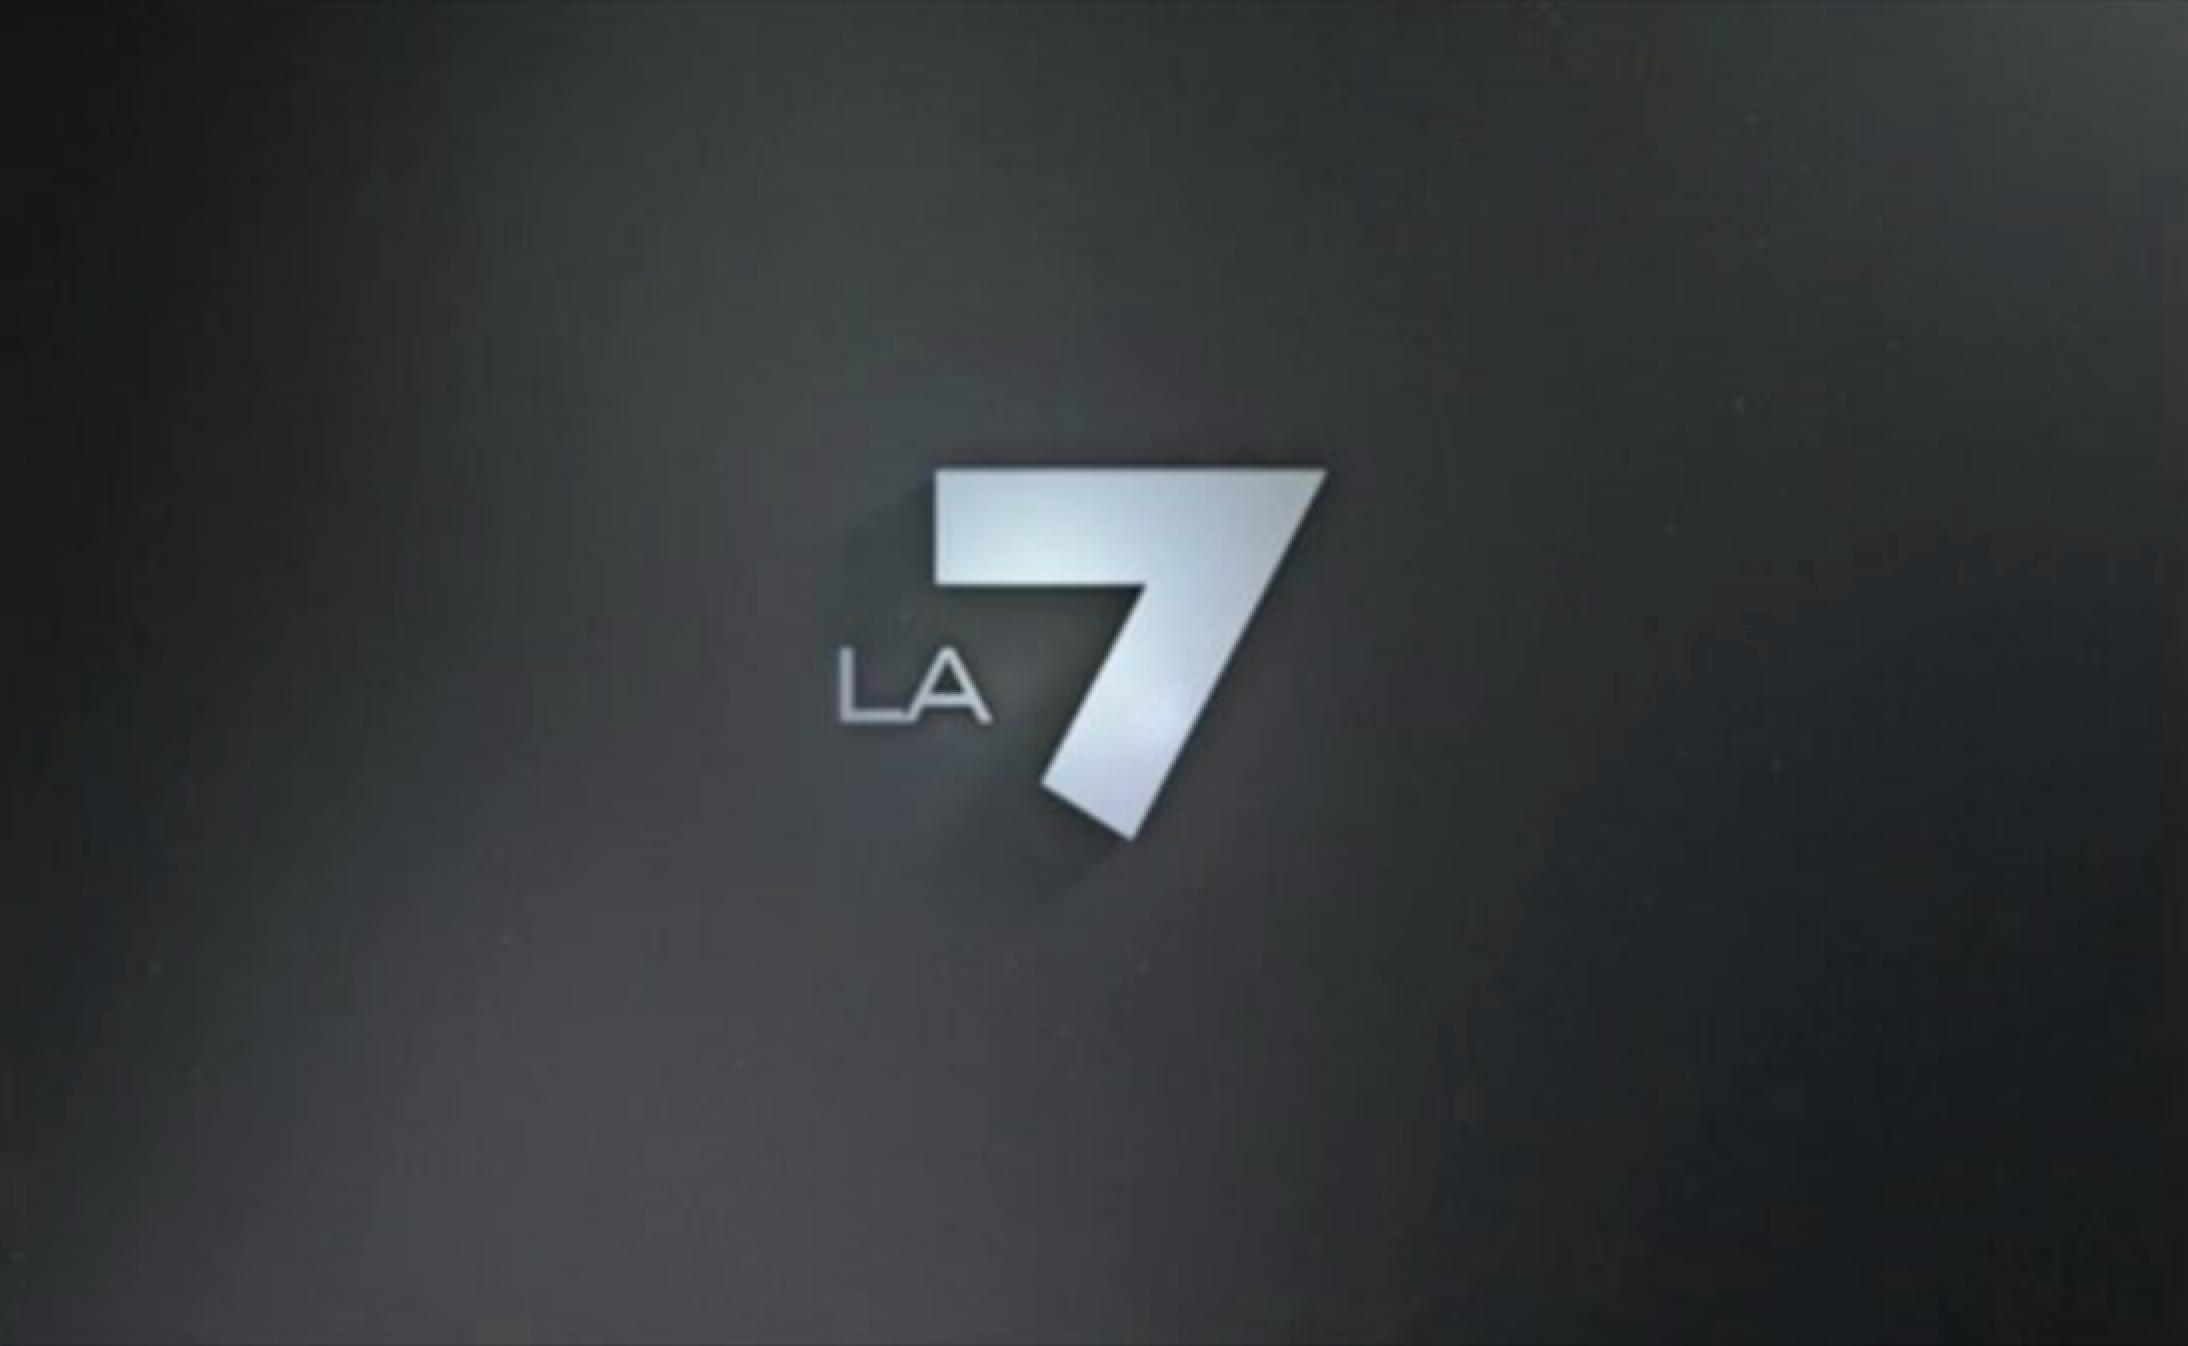 la7 - photo #7